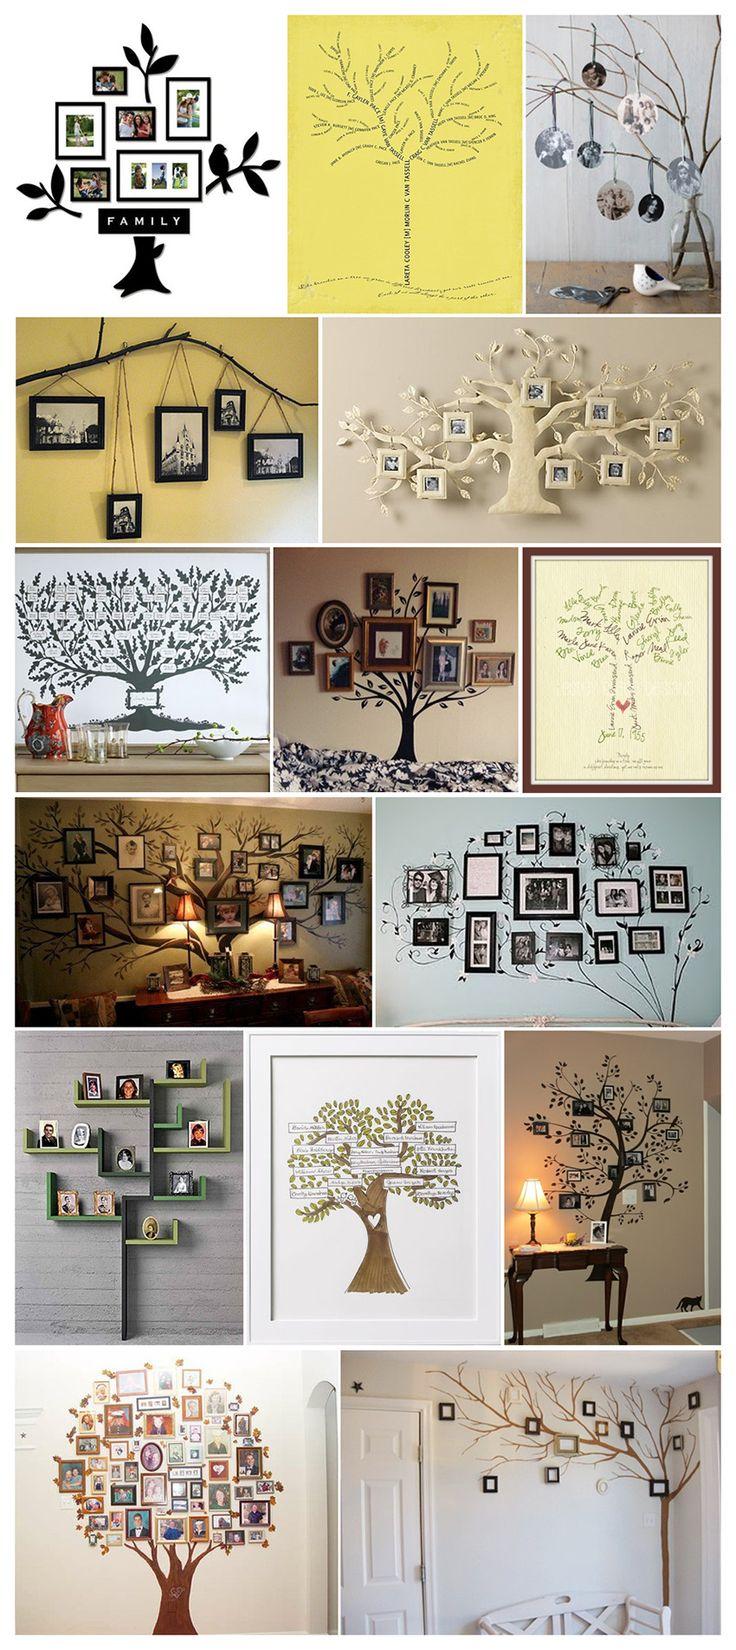 Me encantan el 1o de la 4a línea y el último abajo a la derecha: Family Trees Display